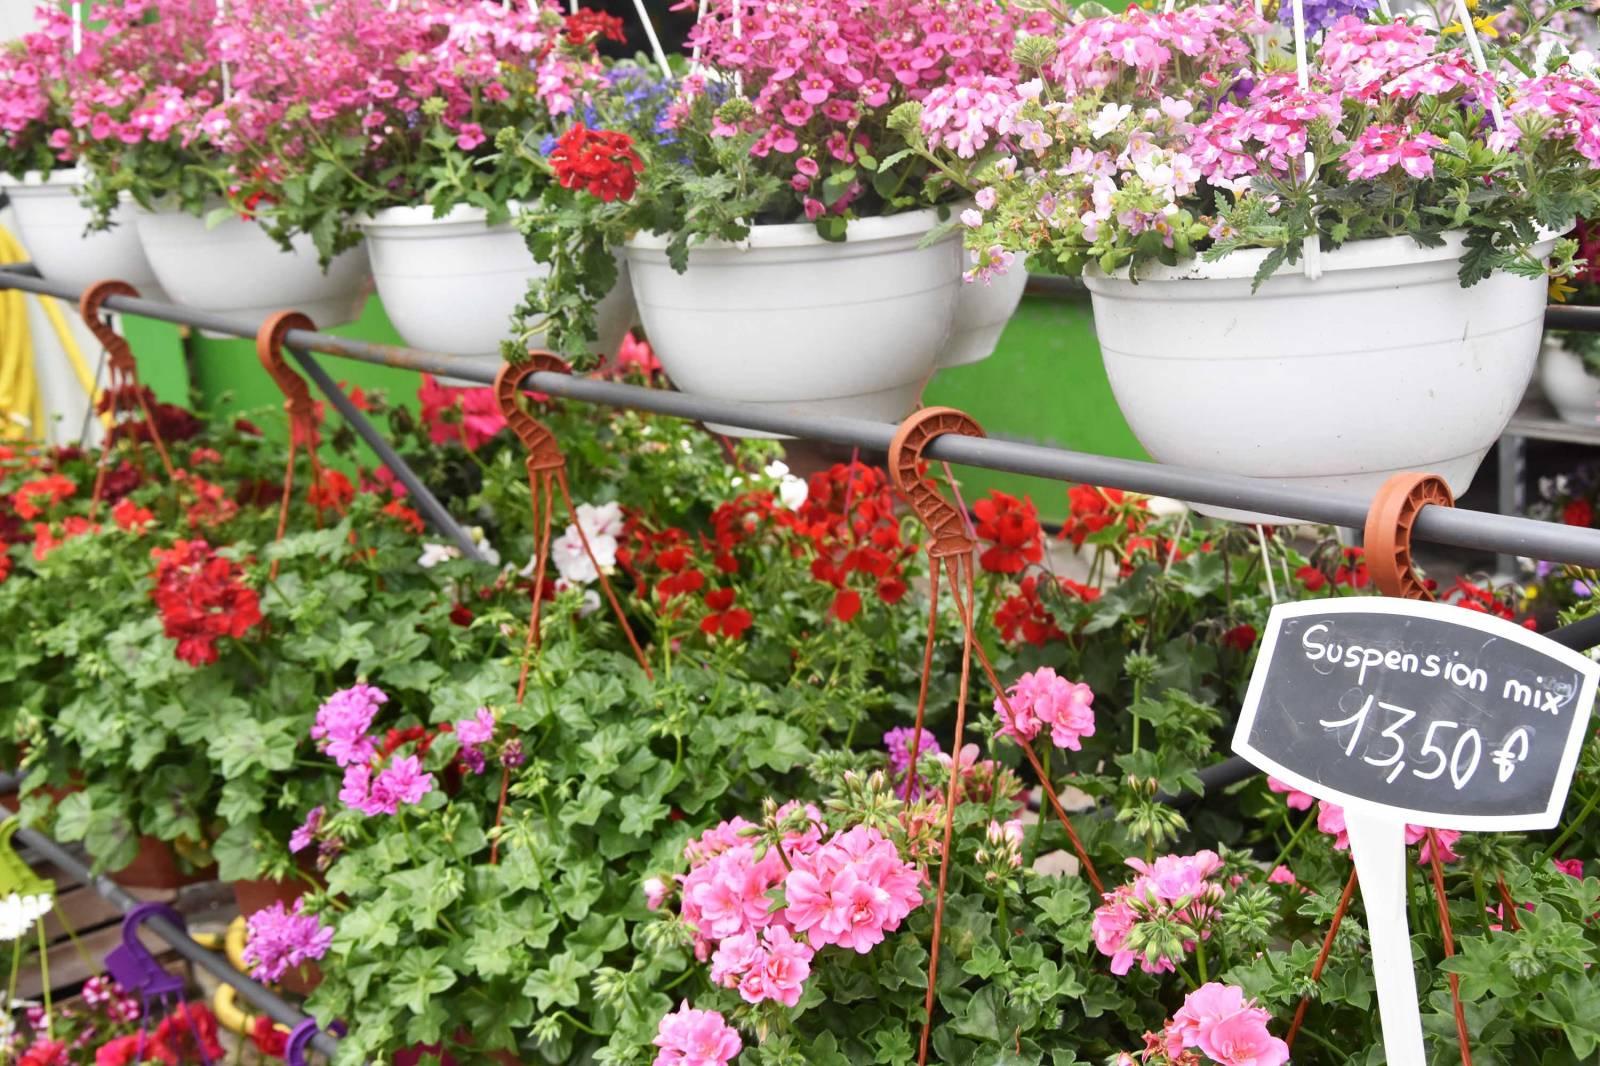 Vente Fleurs Et Plantes À Villefranche-Sur-Saône - Les ... serapportantà Serre De Jardin Occasion